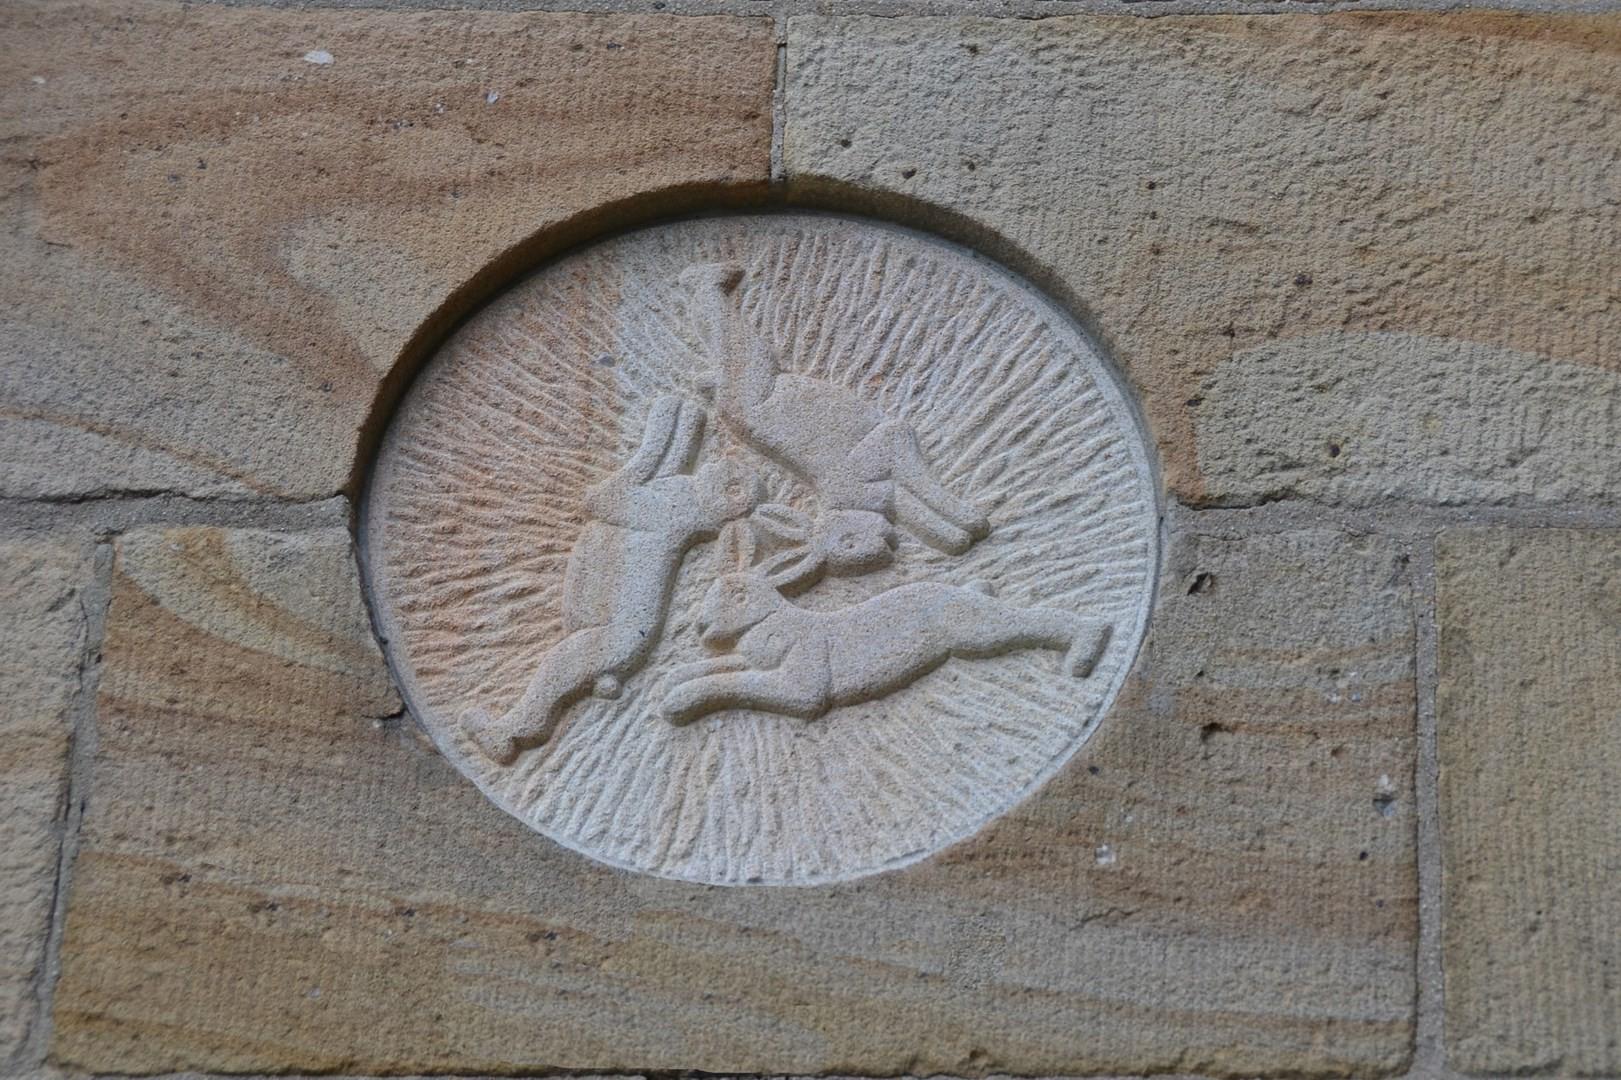 Drei-Hasen-Darstellung über dem Nord-West-Eingang zur St. Cyriakuskirche